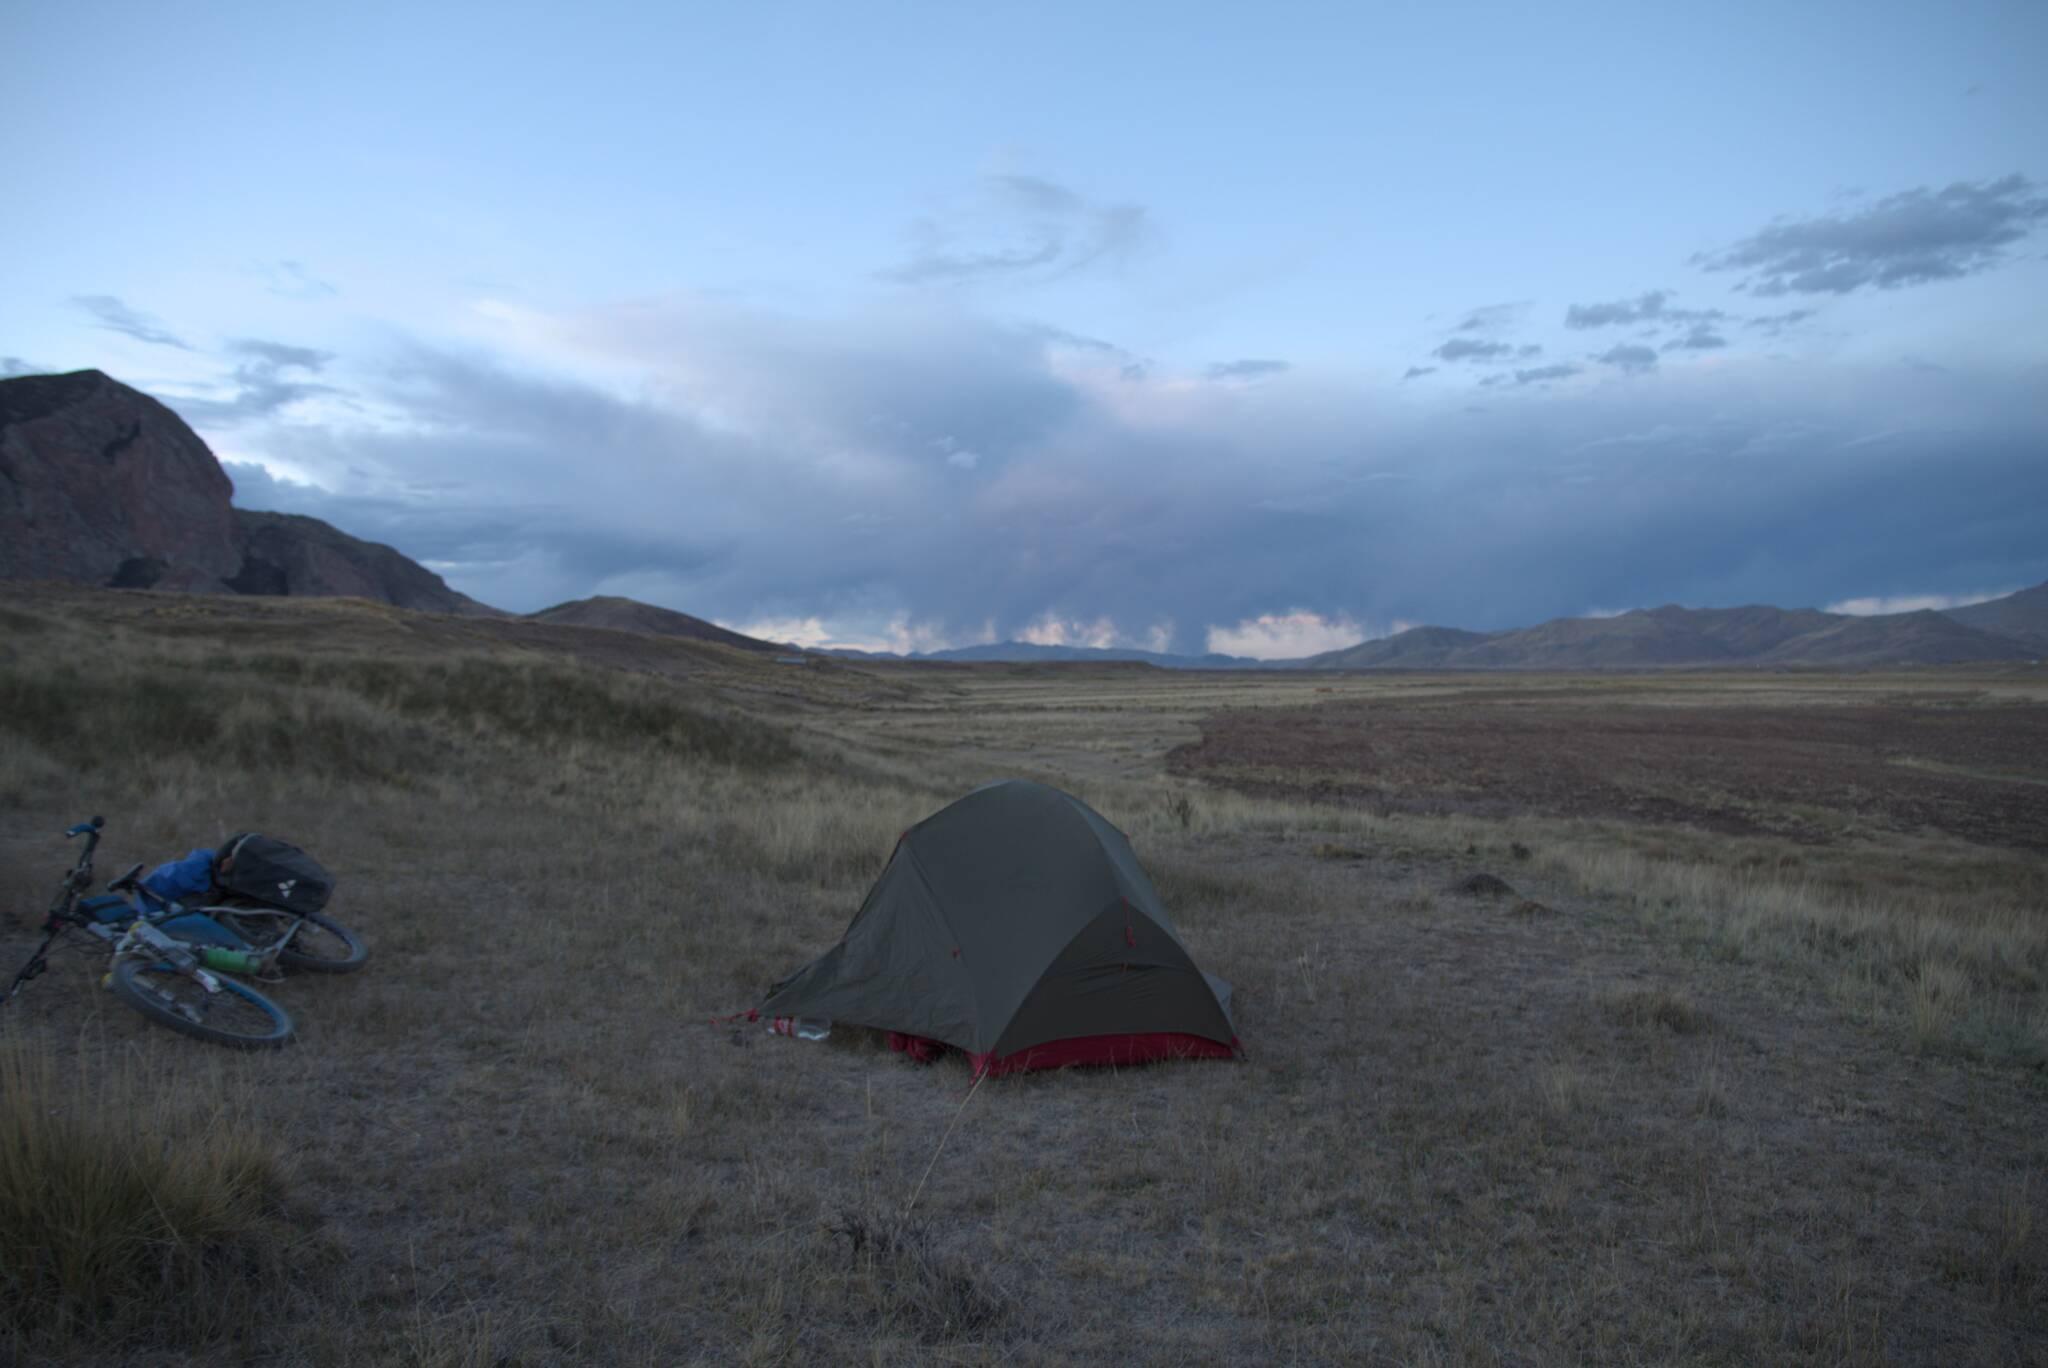 Namiot rozstawiony, ucieczka przed zlewą udana